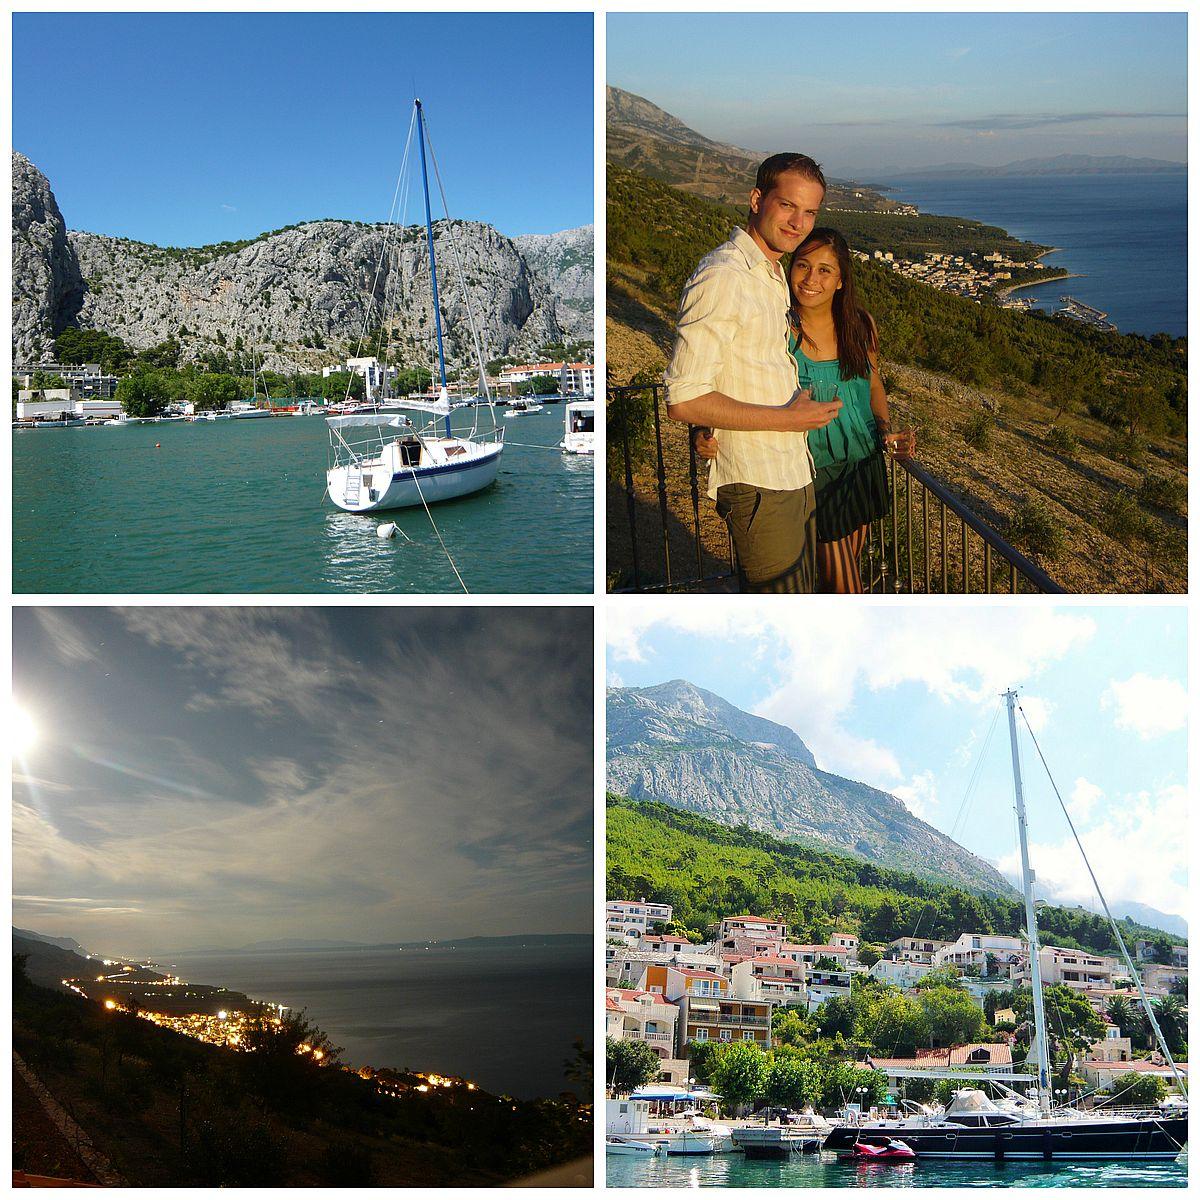 croatia brela views